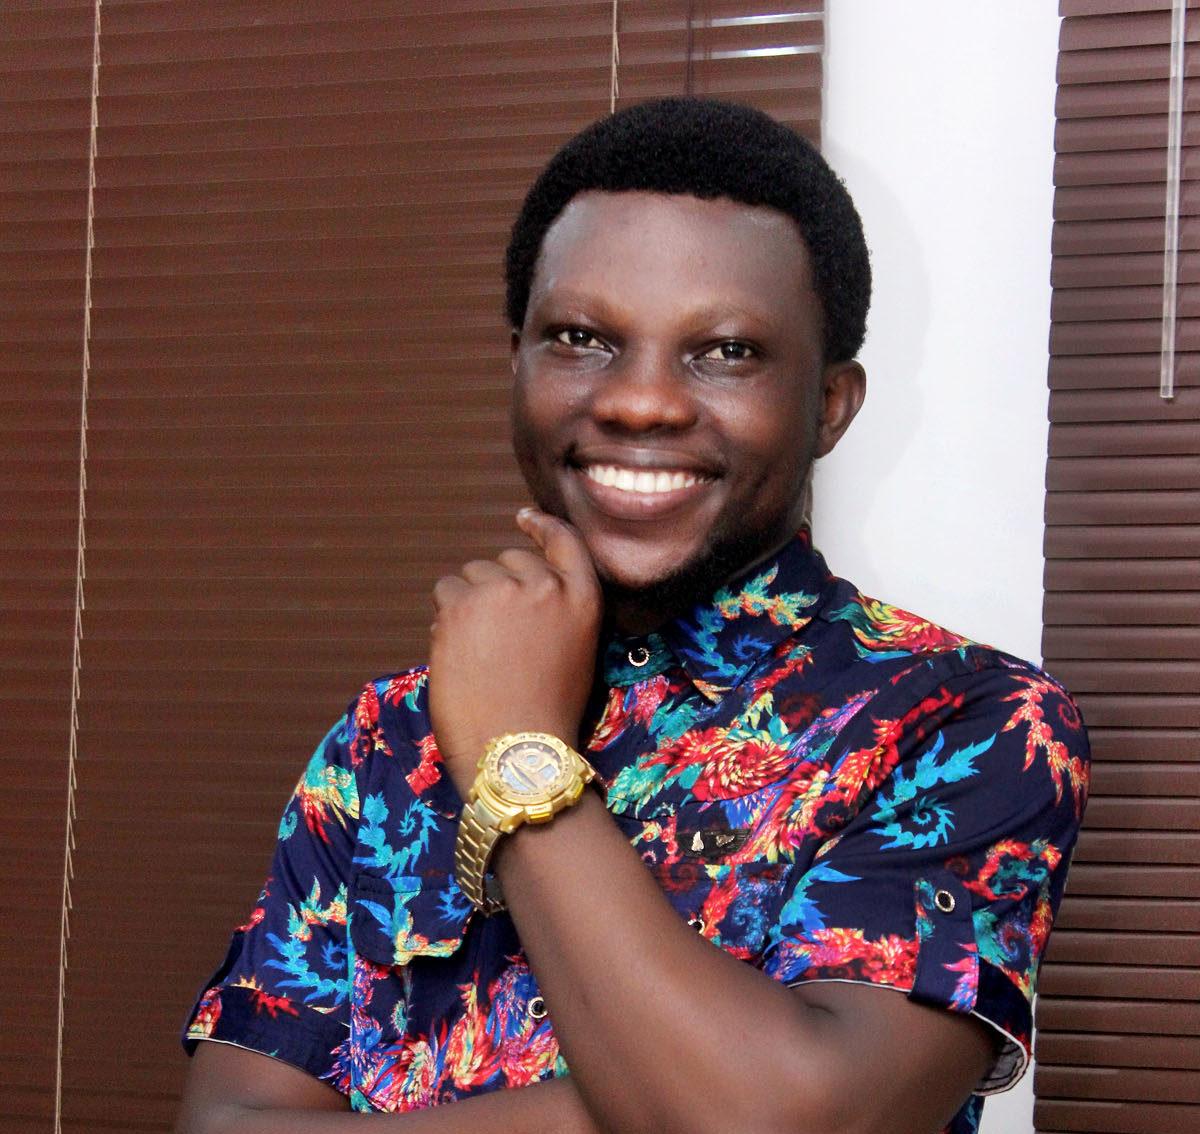 Emmanuel Olatunji Ega